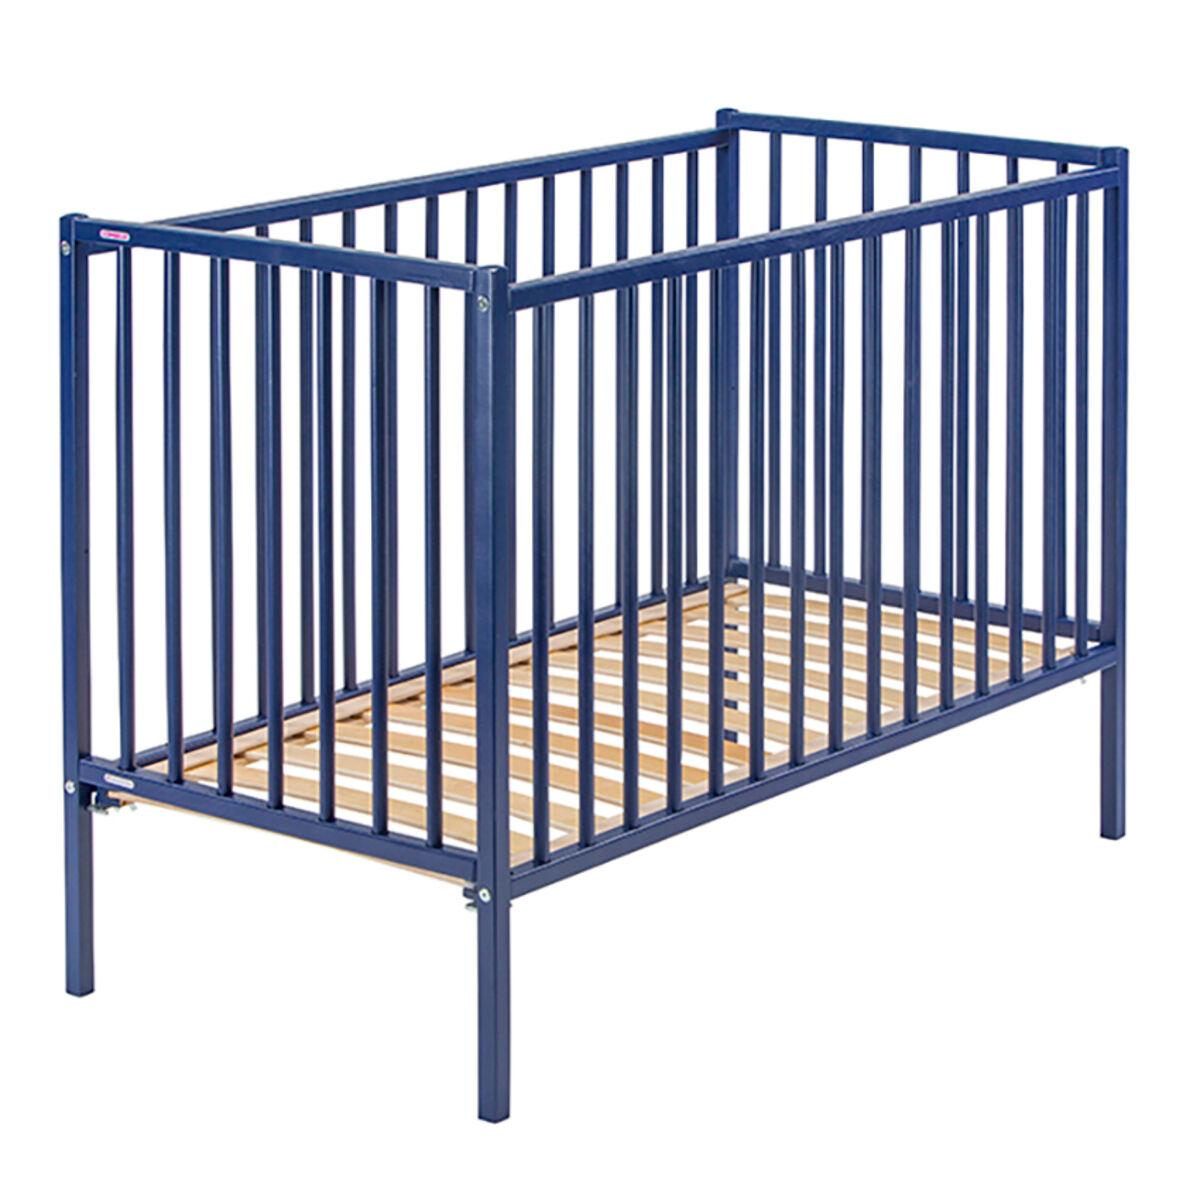 Combelle Lit Bébé Rémi Bleu - 70 x 140 cm